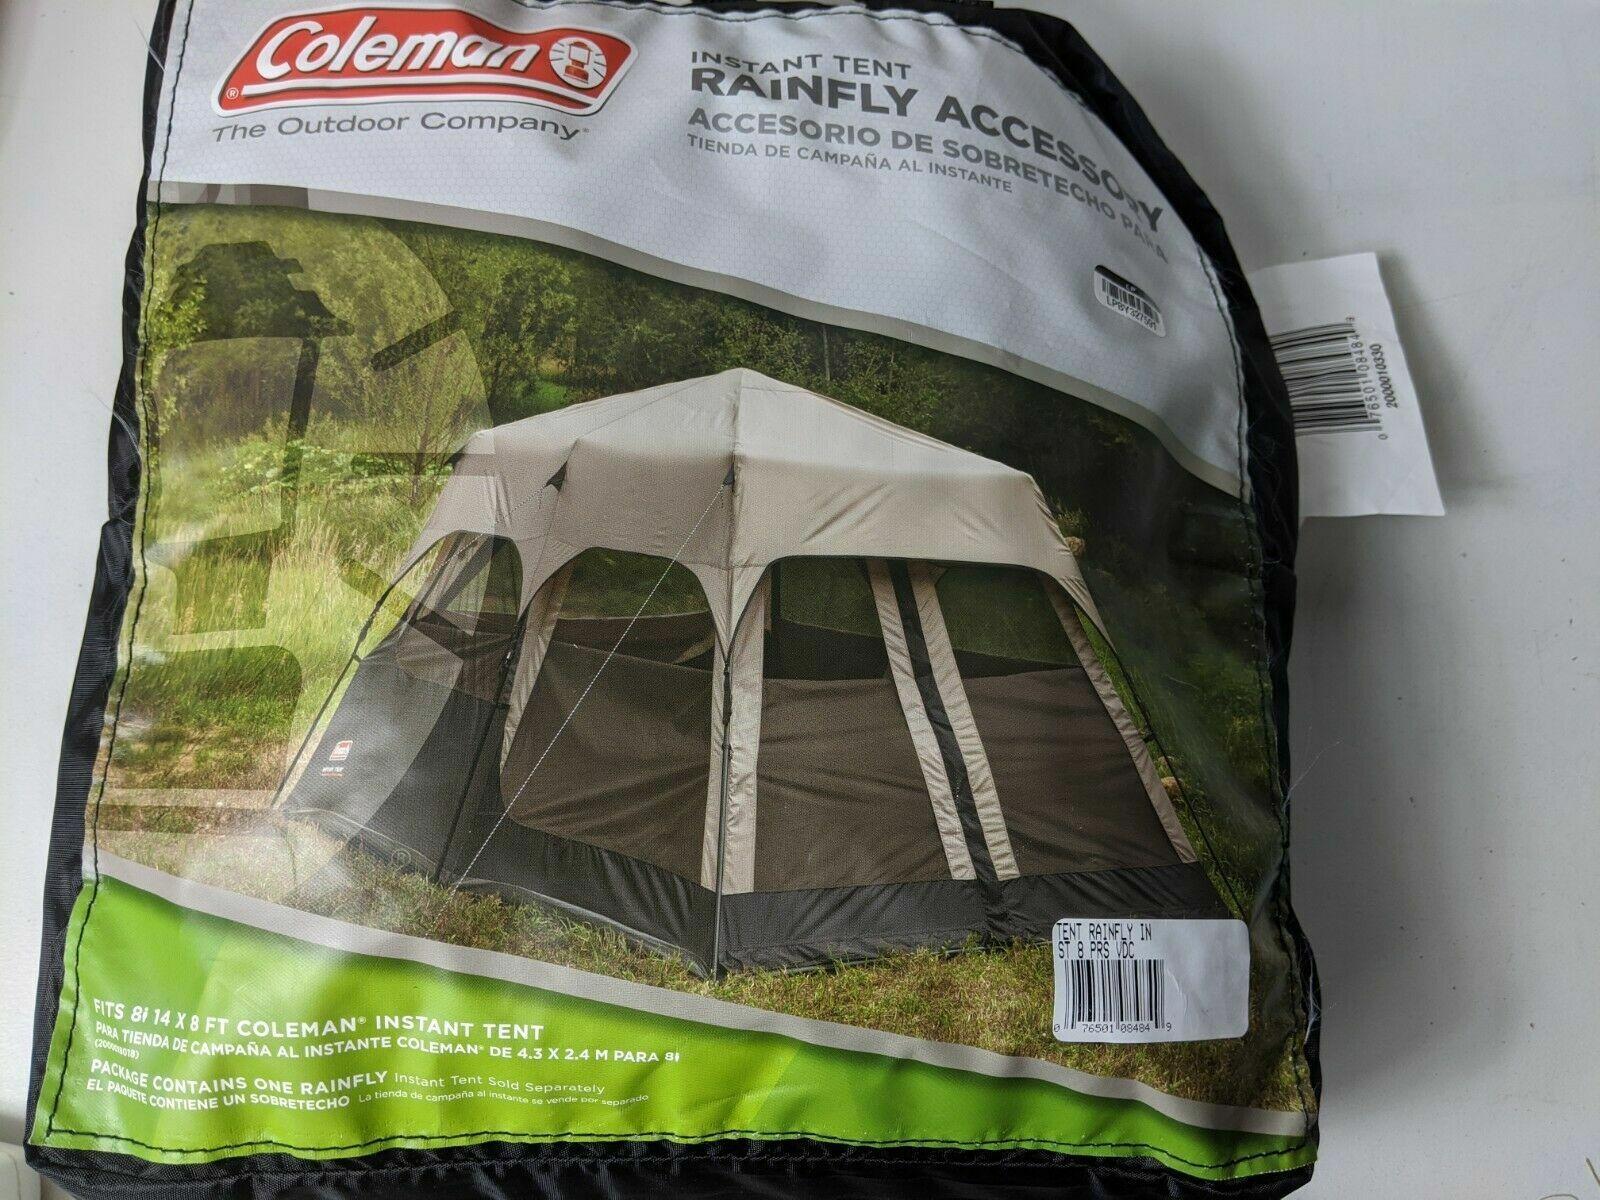 Coleman 8-personne instantanée tente Rainfly Accessoire Multi